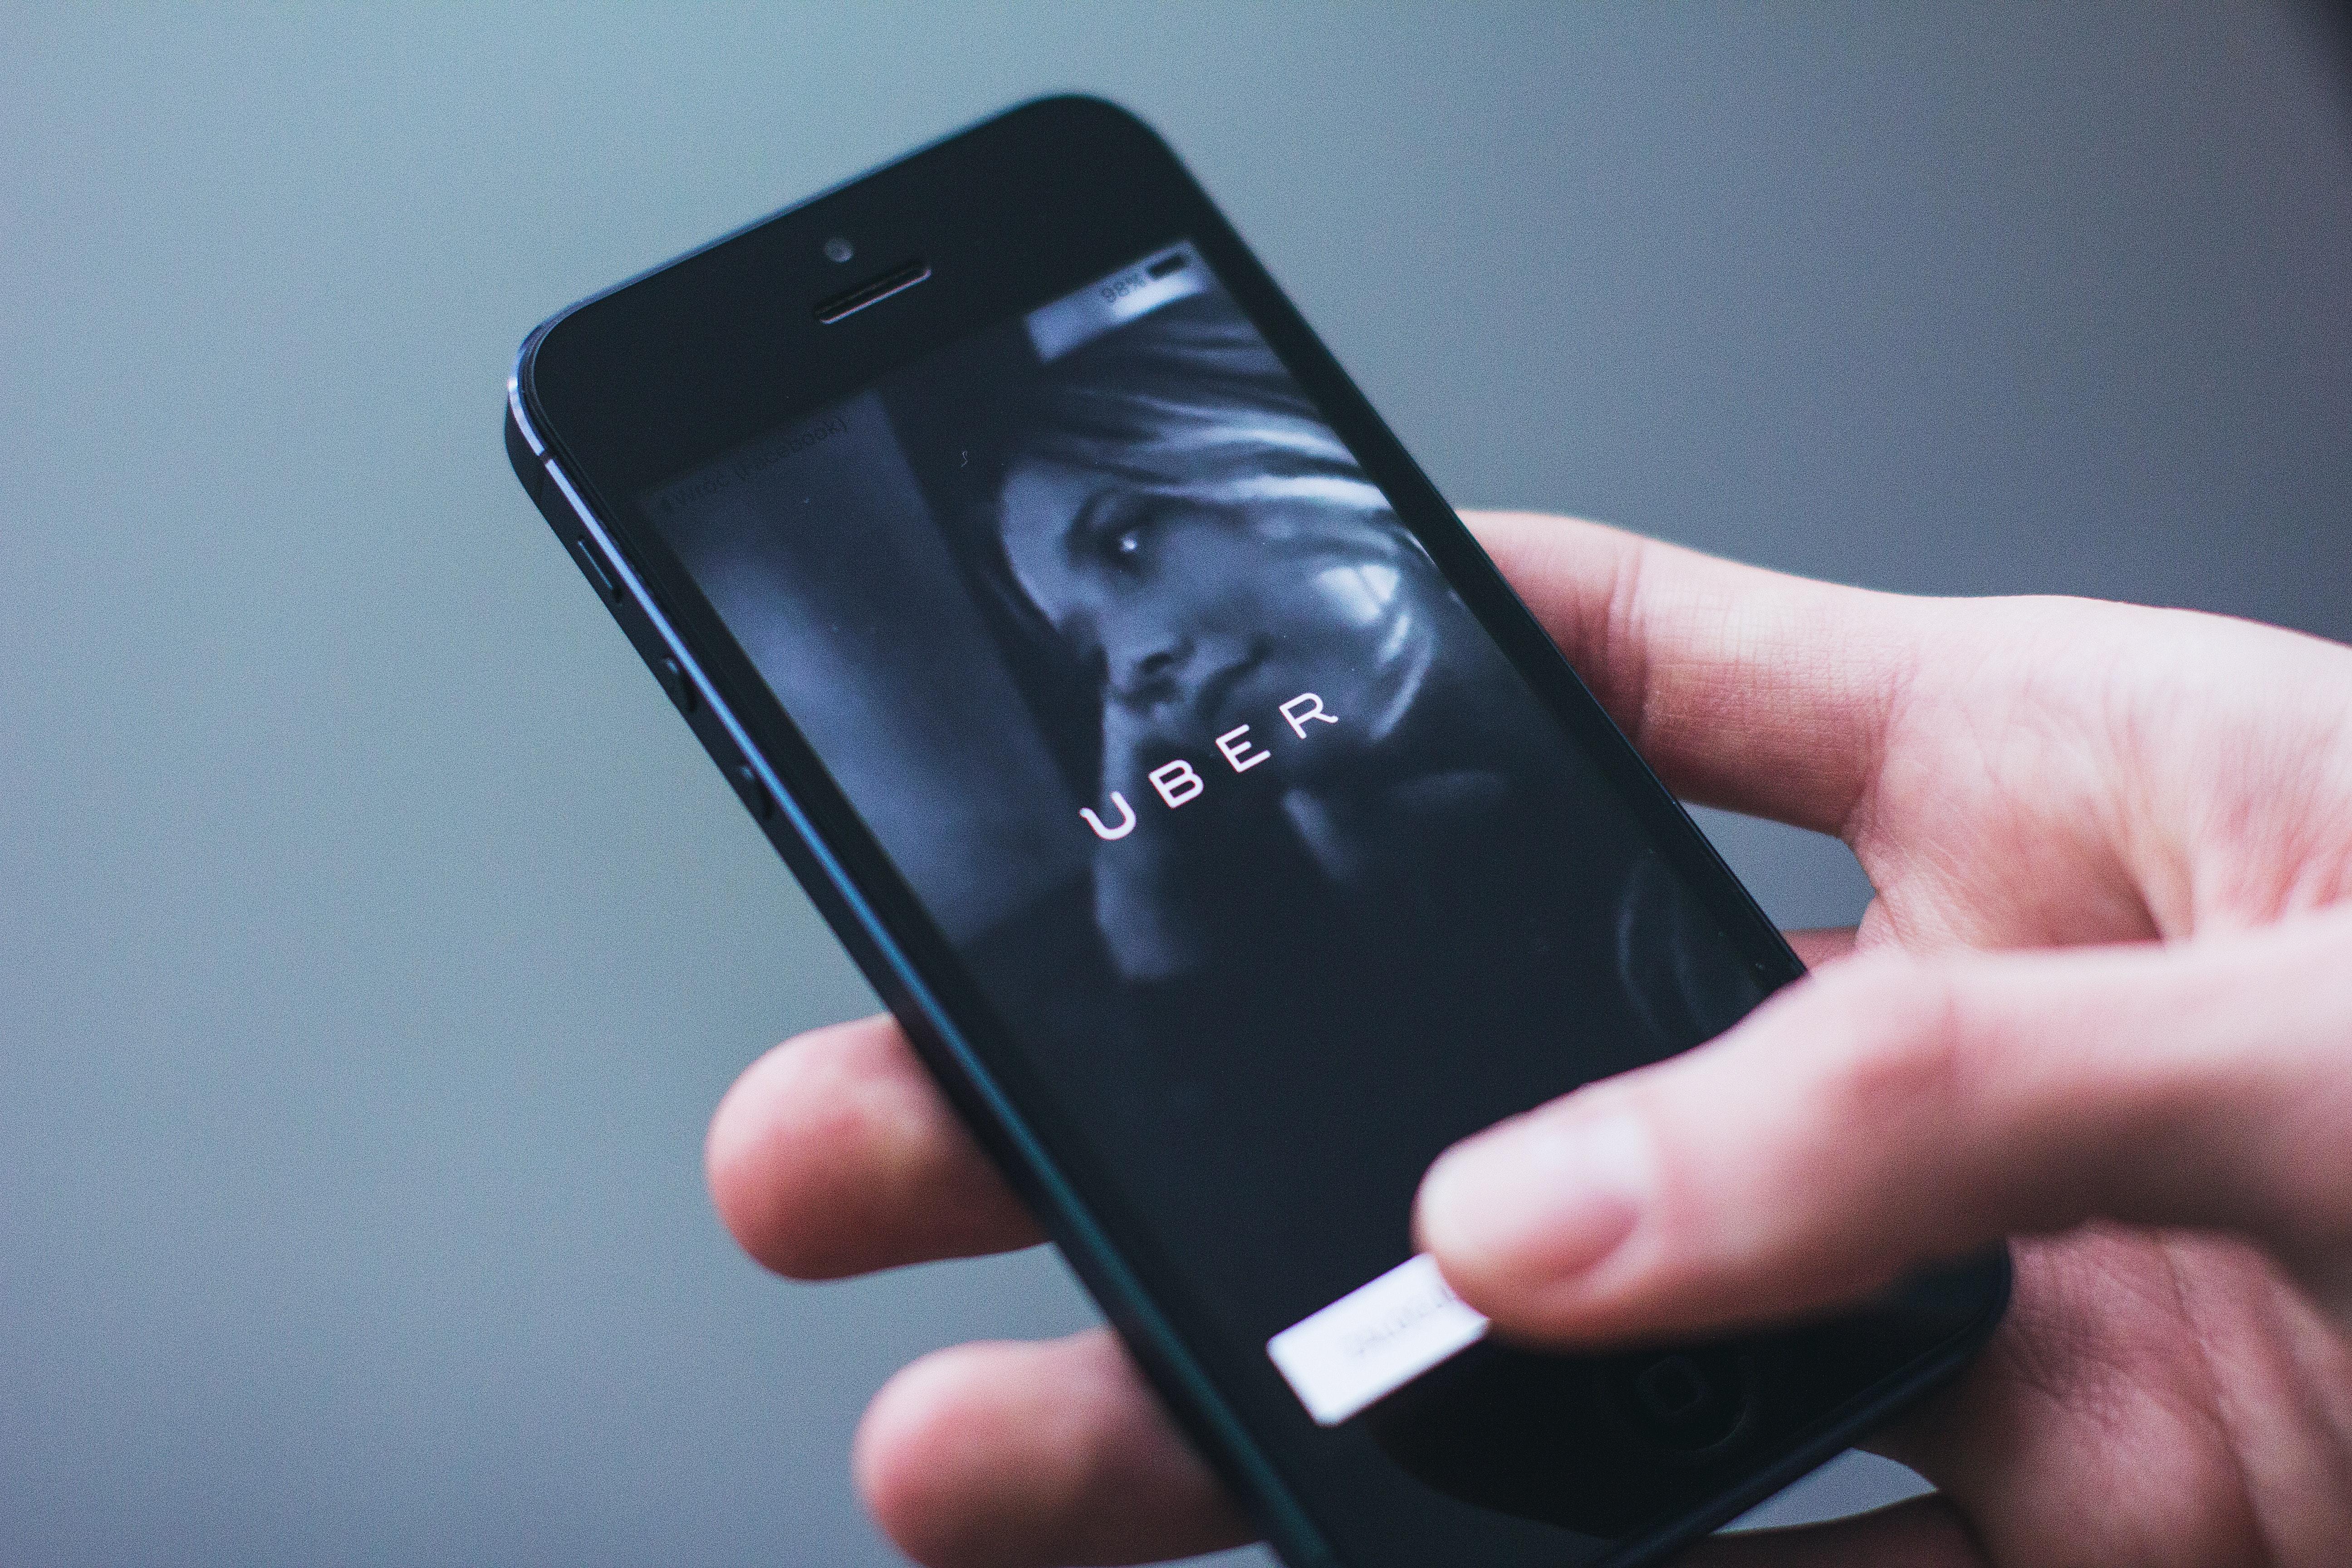 Obrázek: Úsvit samořiditelných automobilů: Uber získá miliardu dolarů od japonských firem